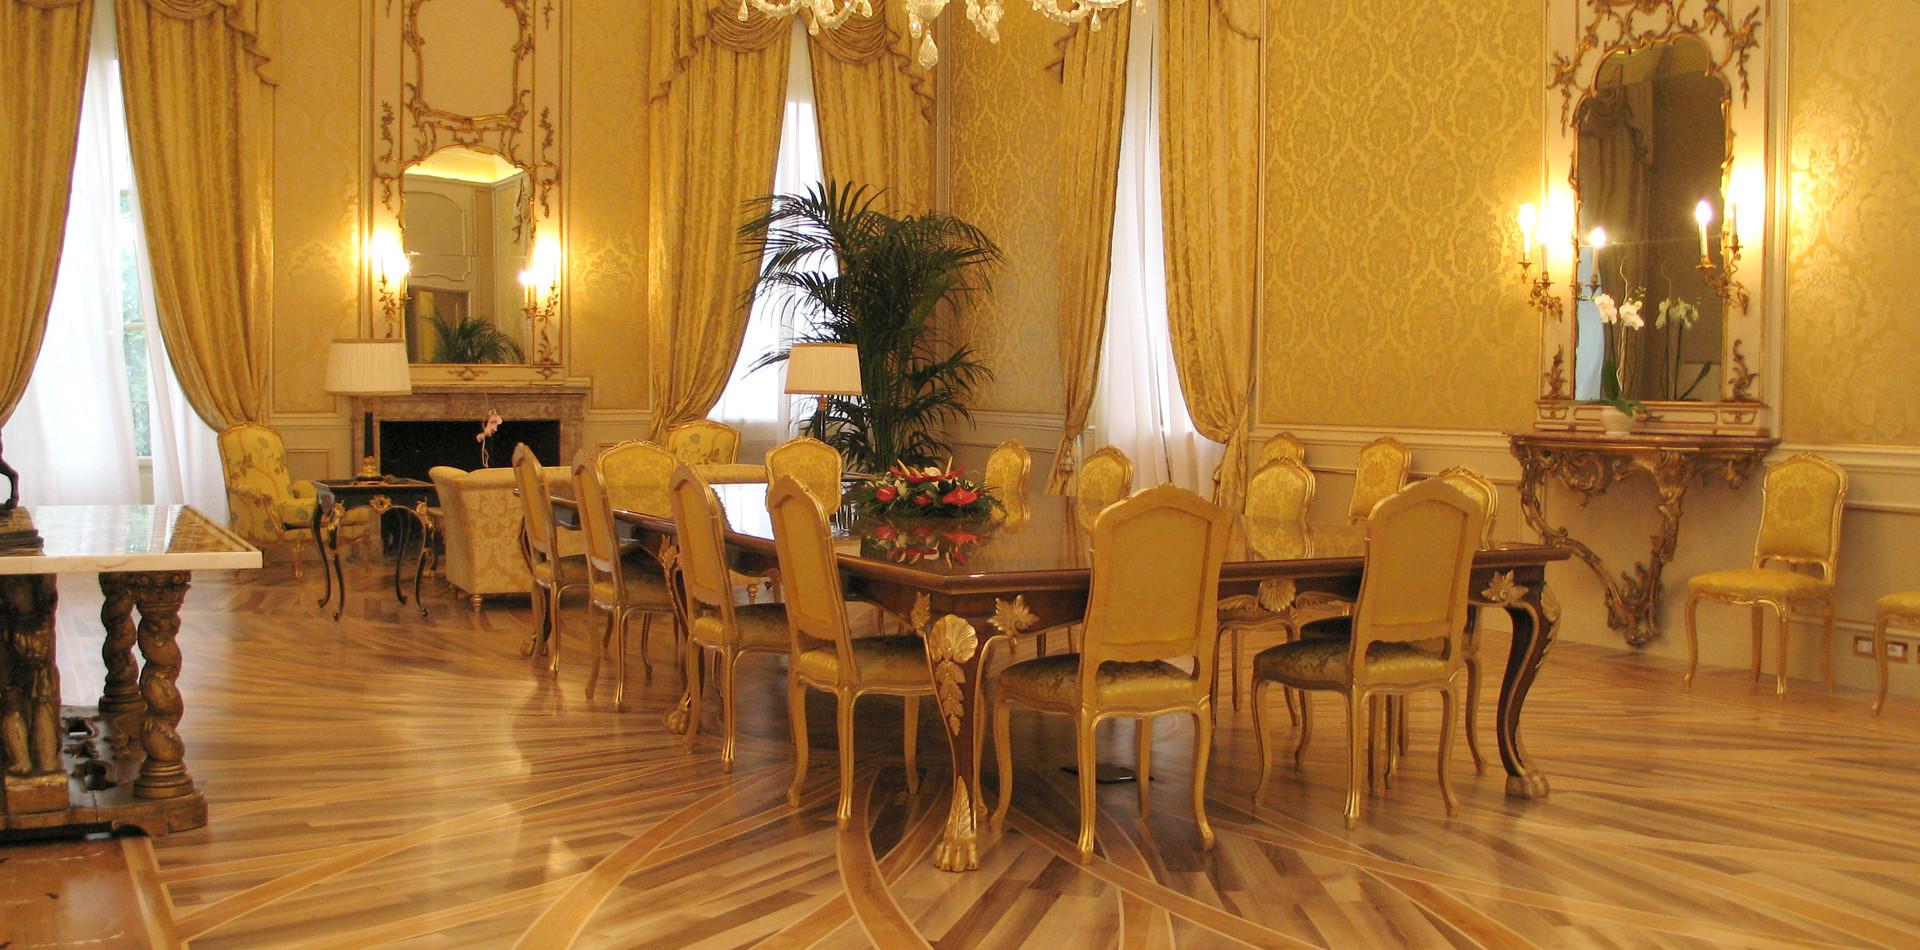 Wooden floor room